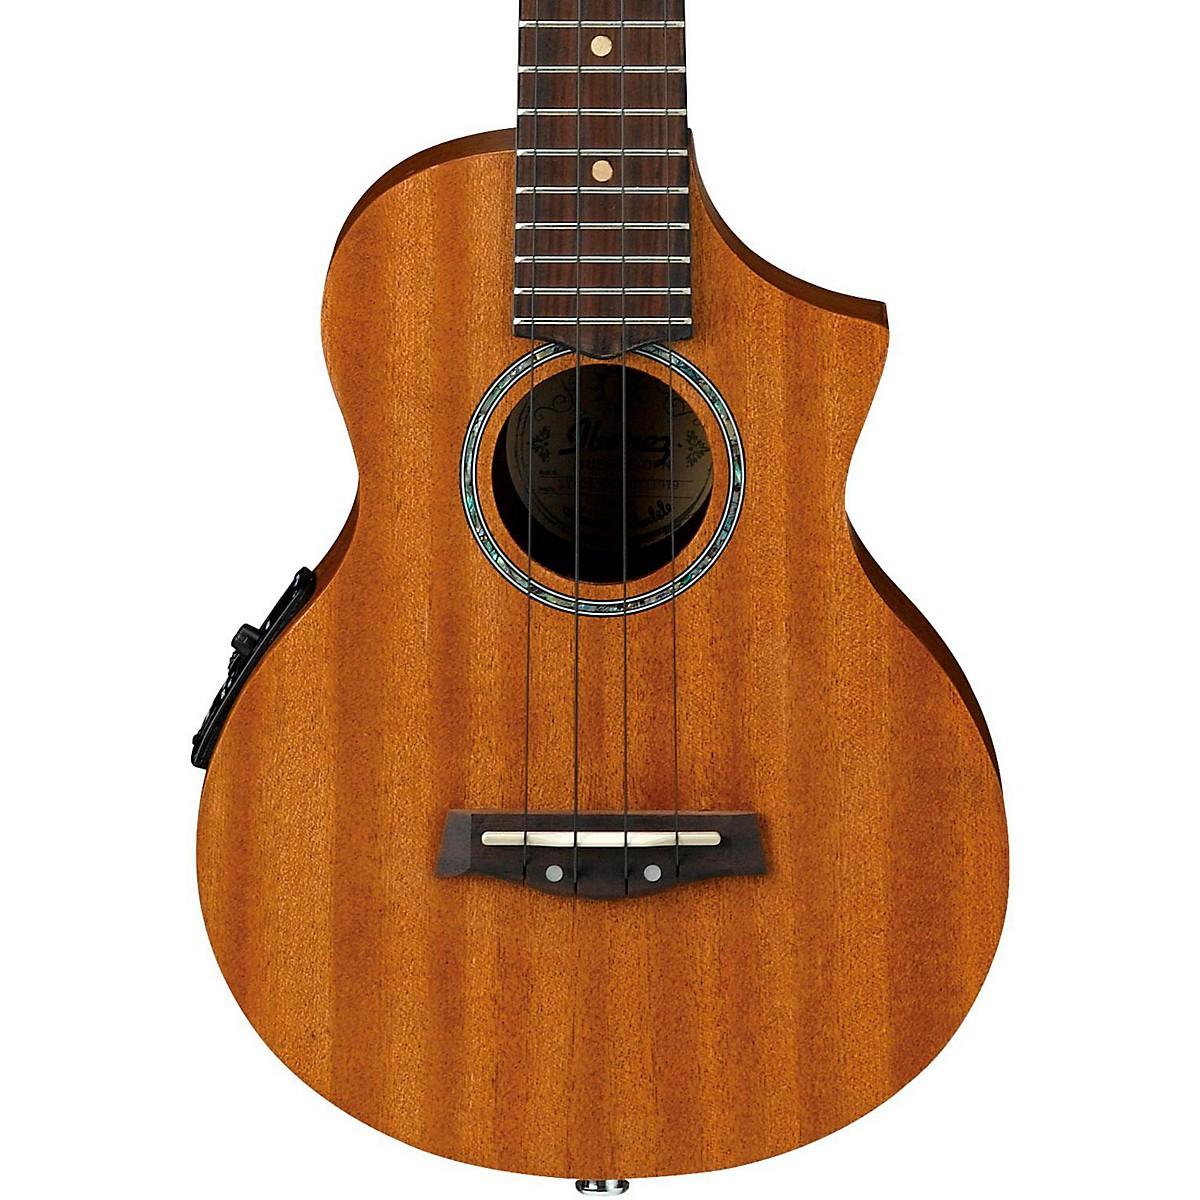 Ibanez UEW5E All-Mahogany Concert Acoustic-Electric Ukulele